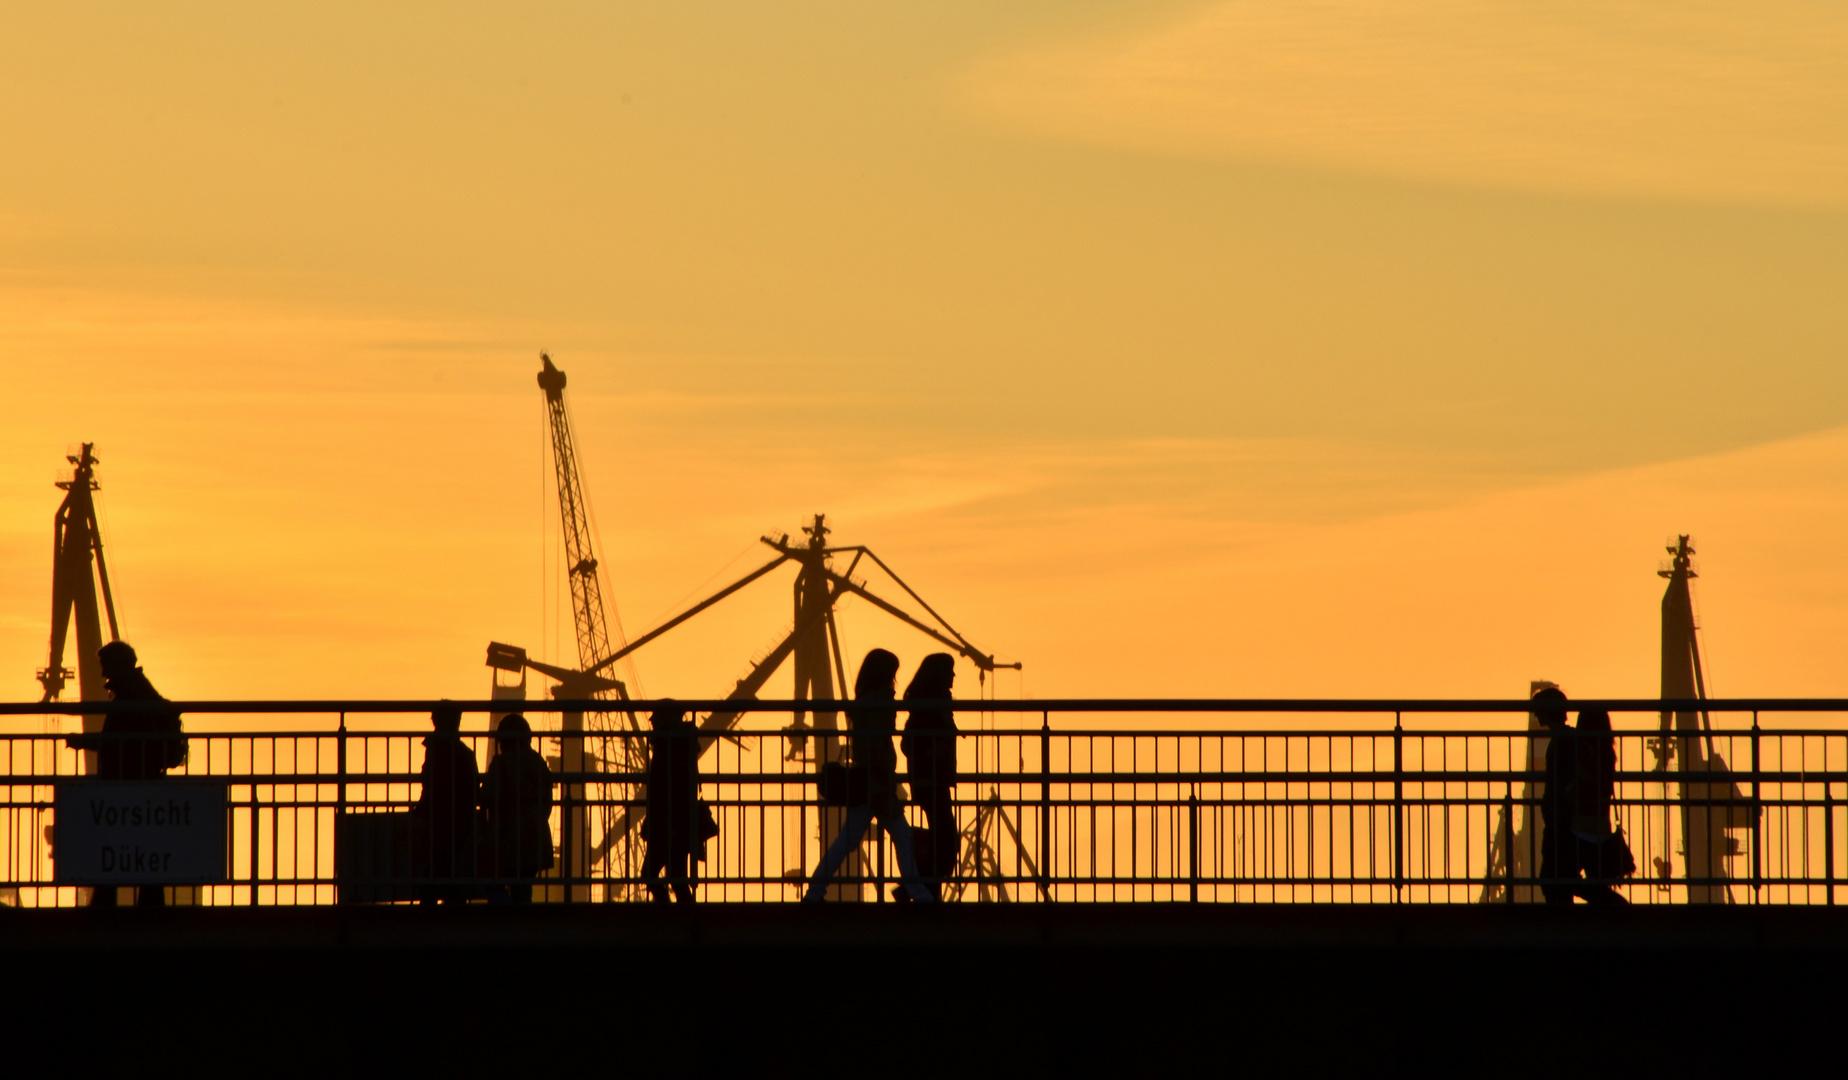 Hamburg Hafen im Sonnenuntergang